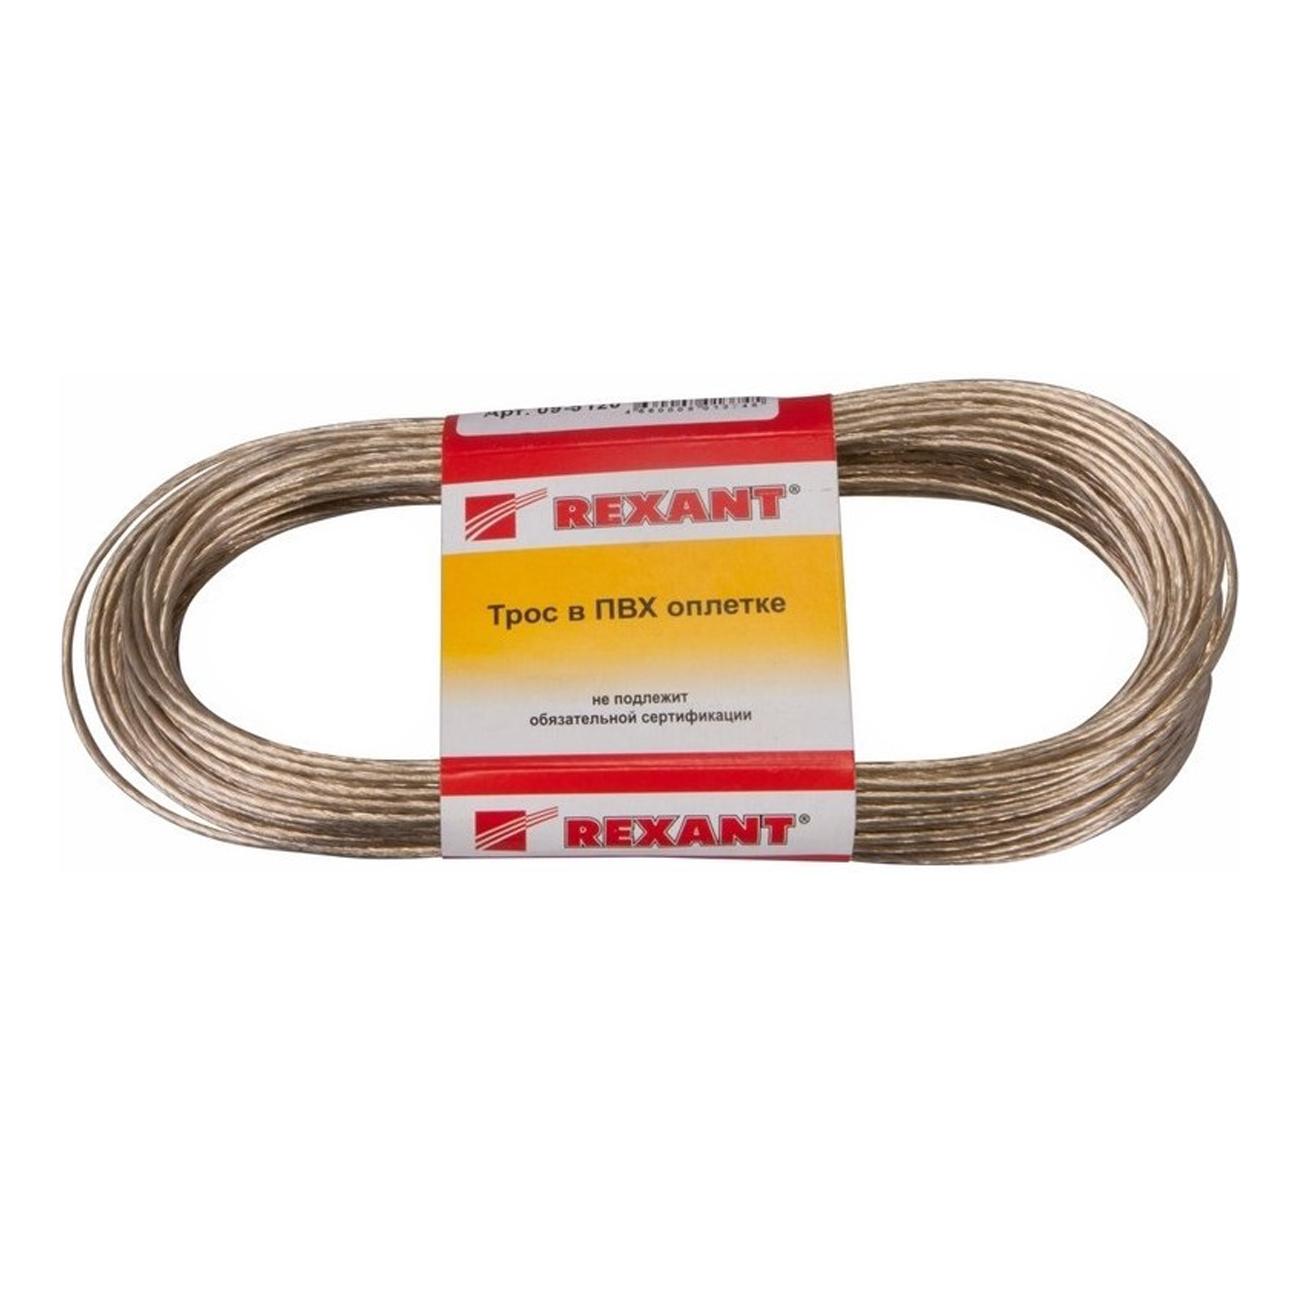 Фото Трос стальной Rexant в ПВХ изоляции, Ø 2 мм (моток 20 м) {09-5120}